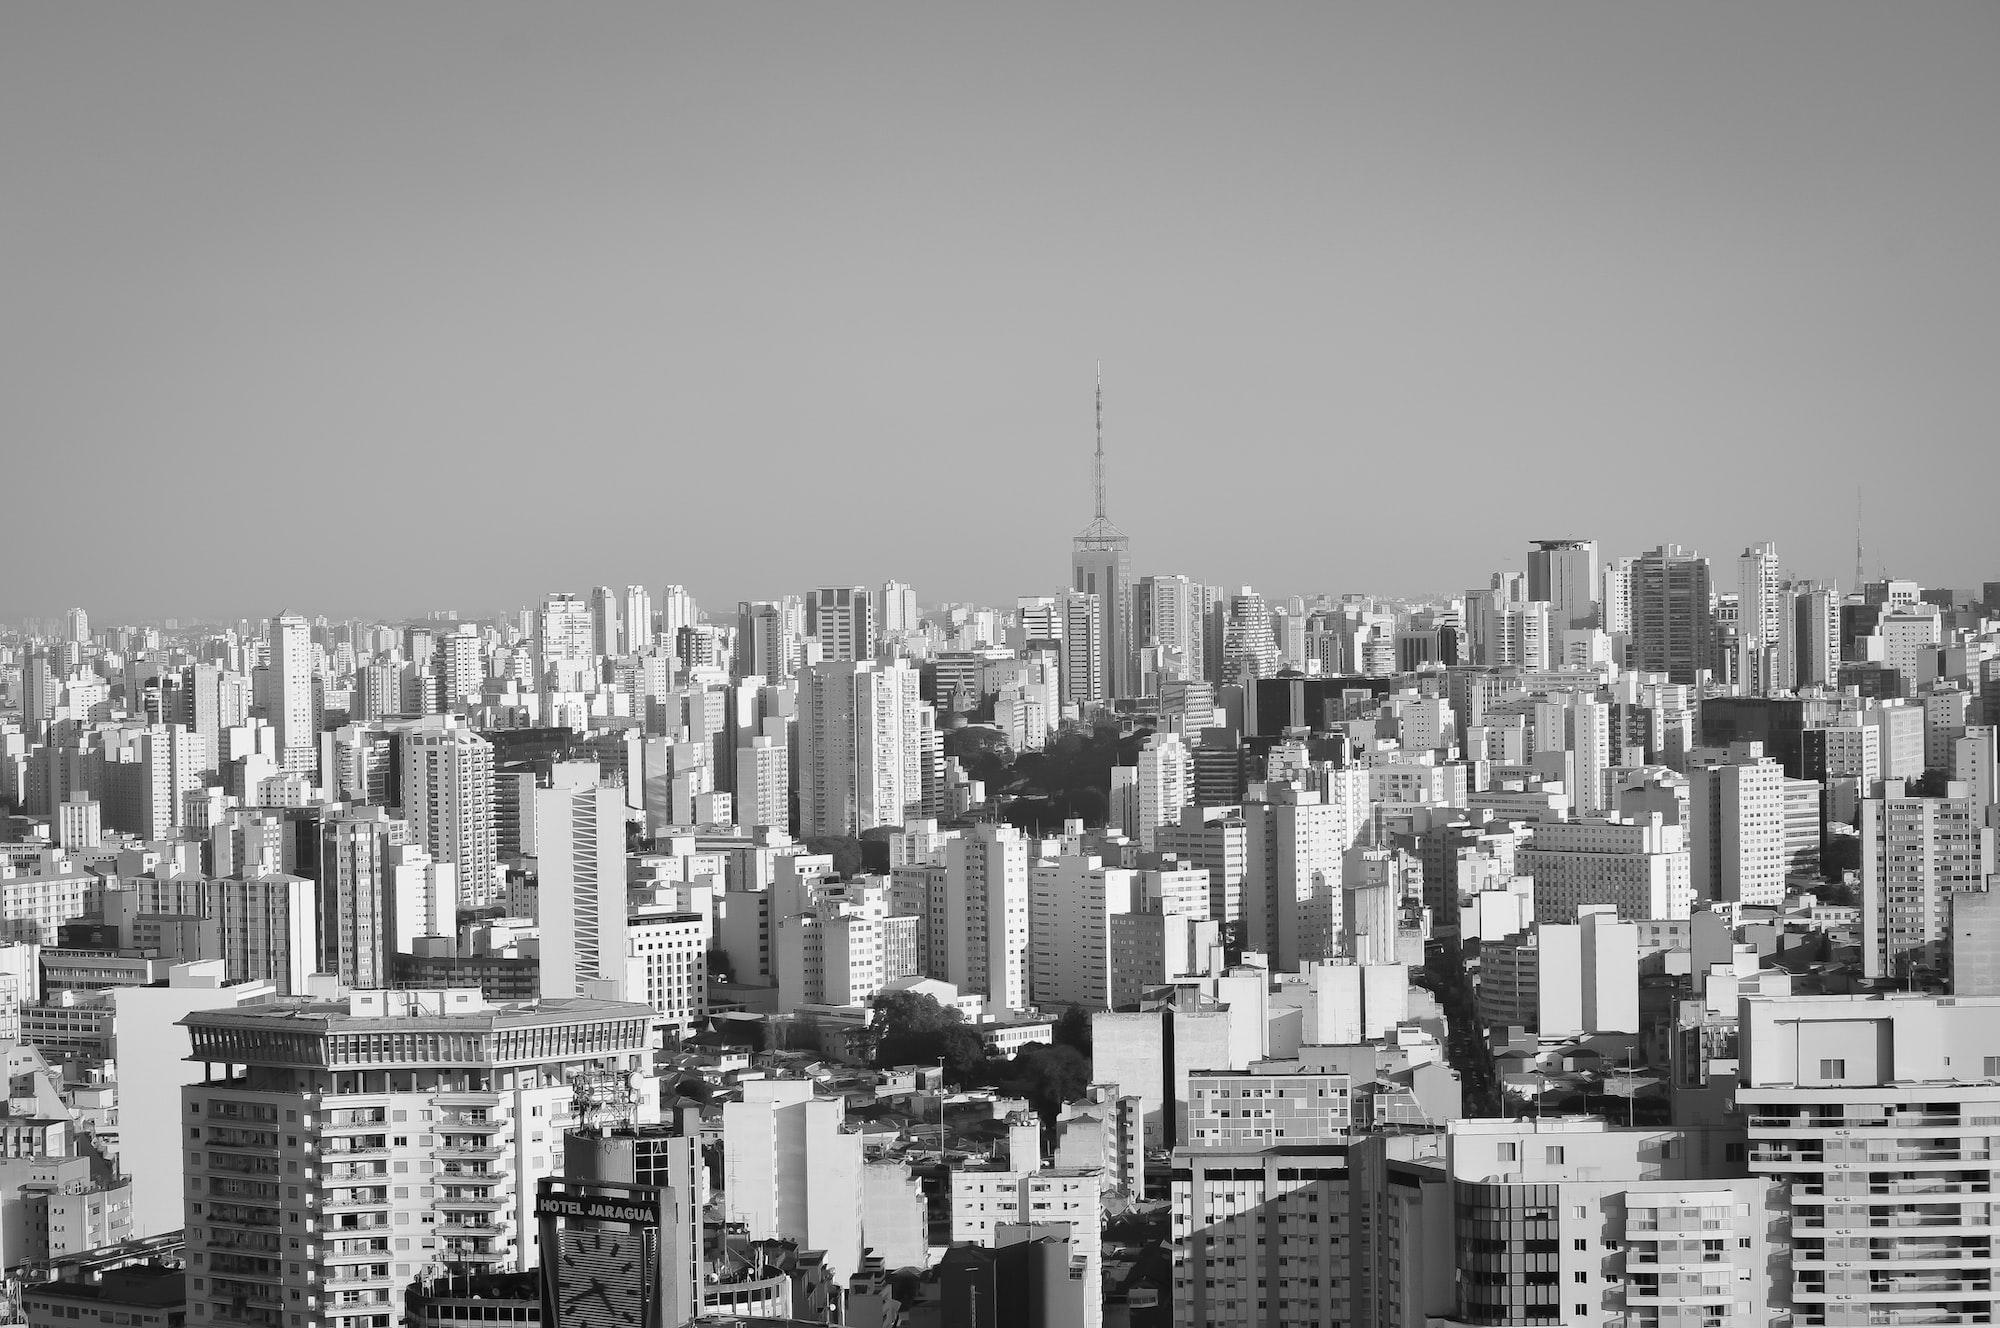 Growth in Latin America